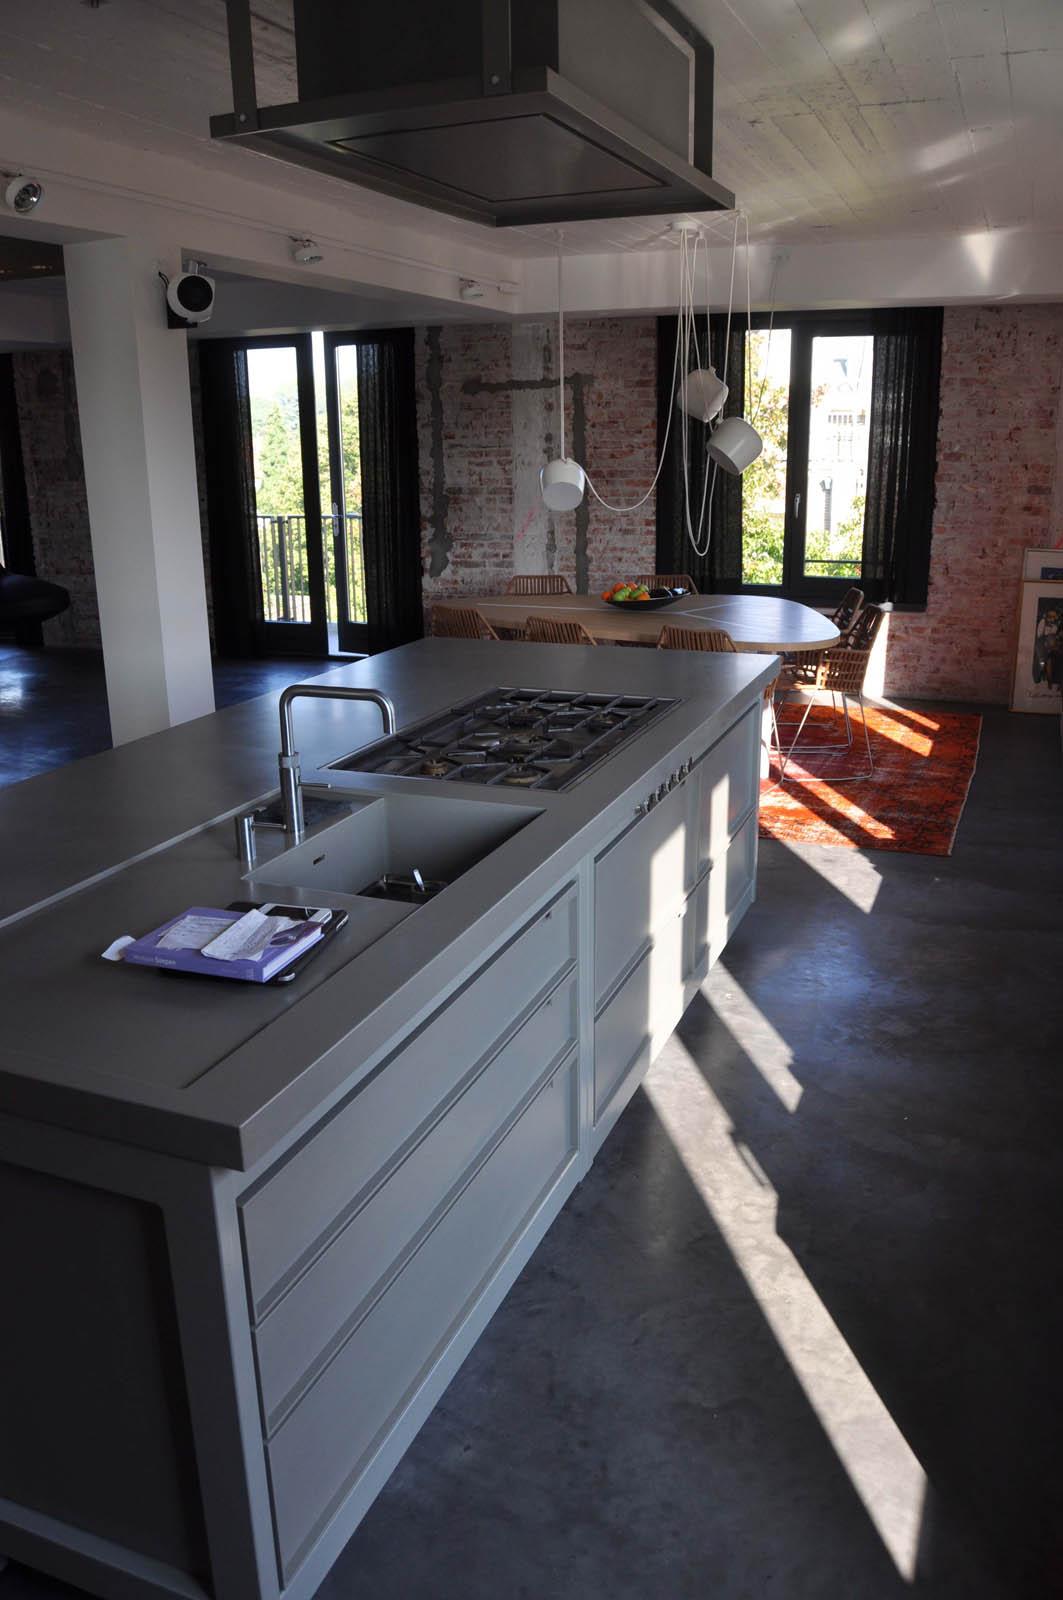 Kitchen, Loft Amsterdam, by Jeroen de Nijs